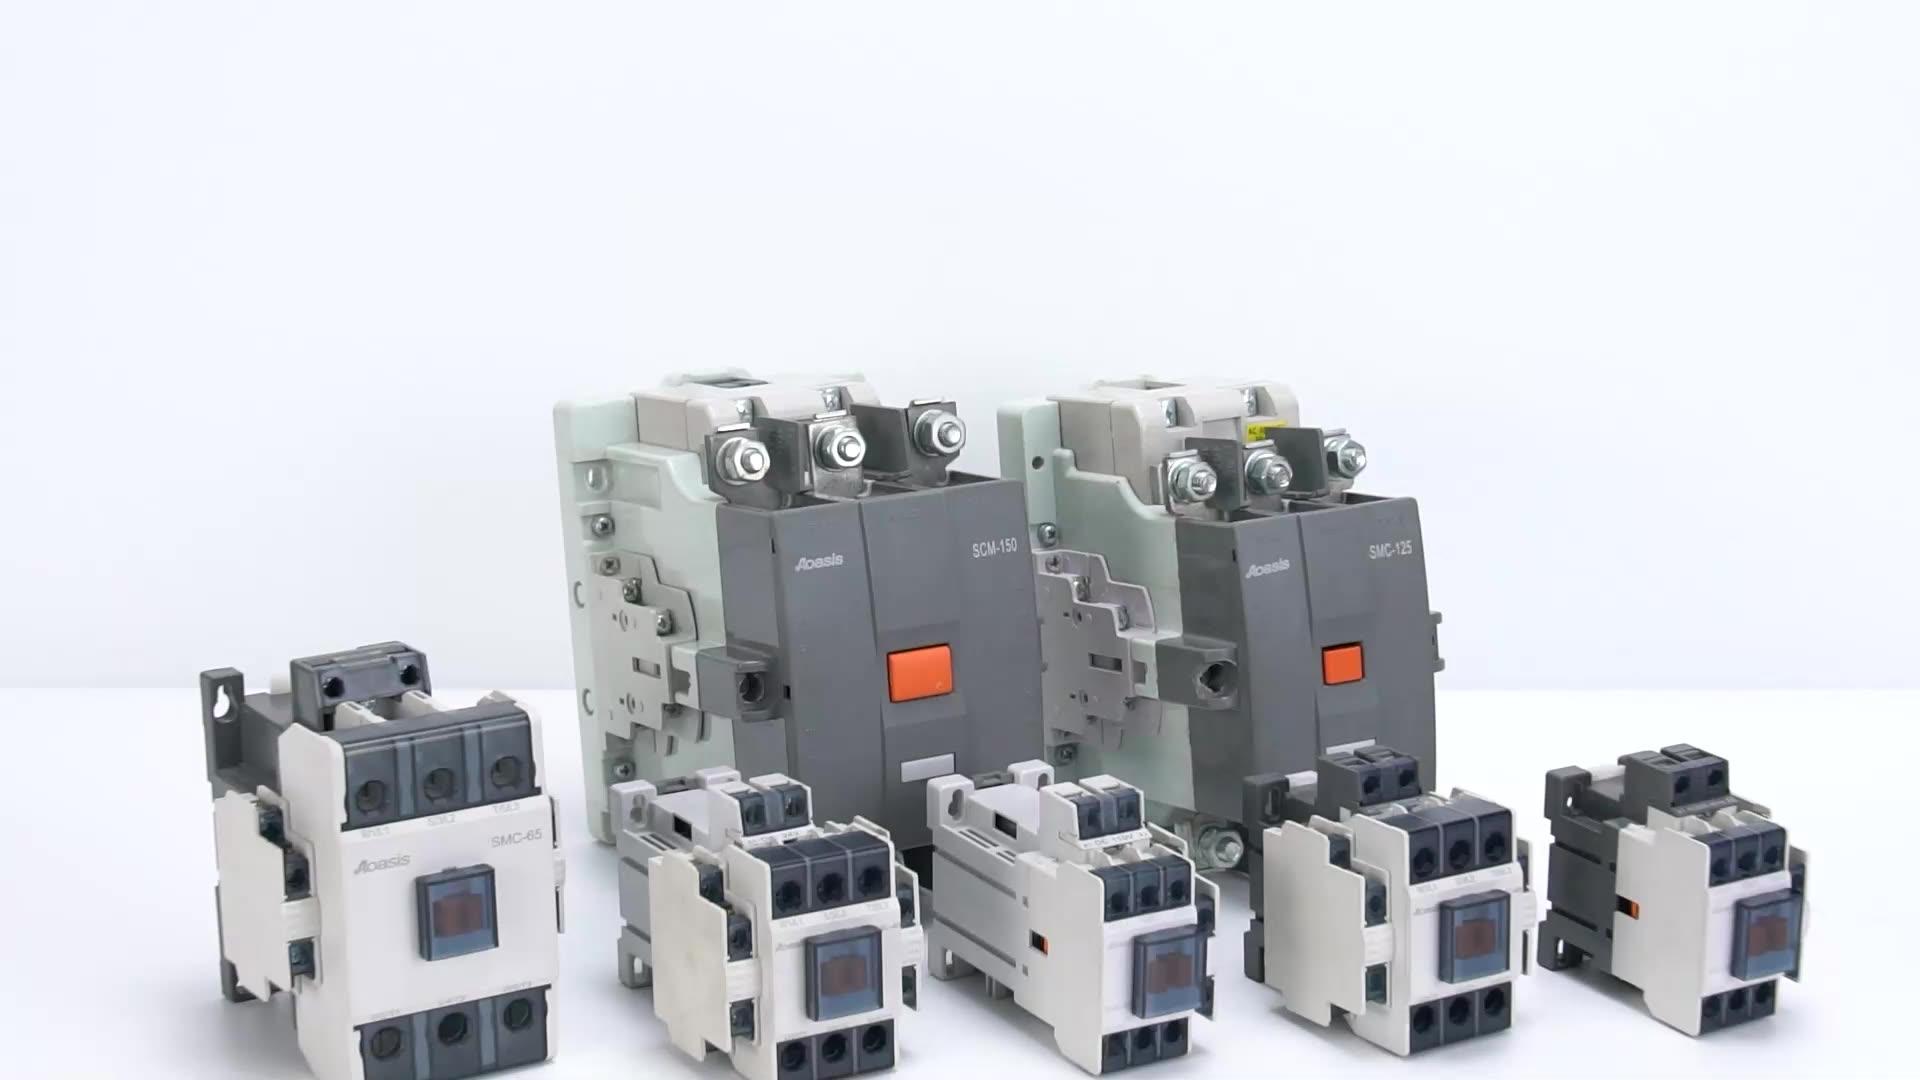 AOASIS SMC-32-Contactor telecanico, 2 polos, 220v, 32 Amp